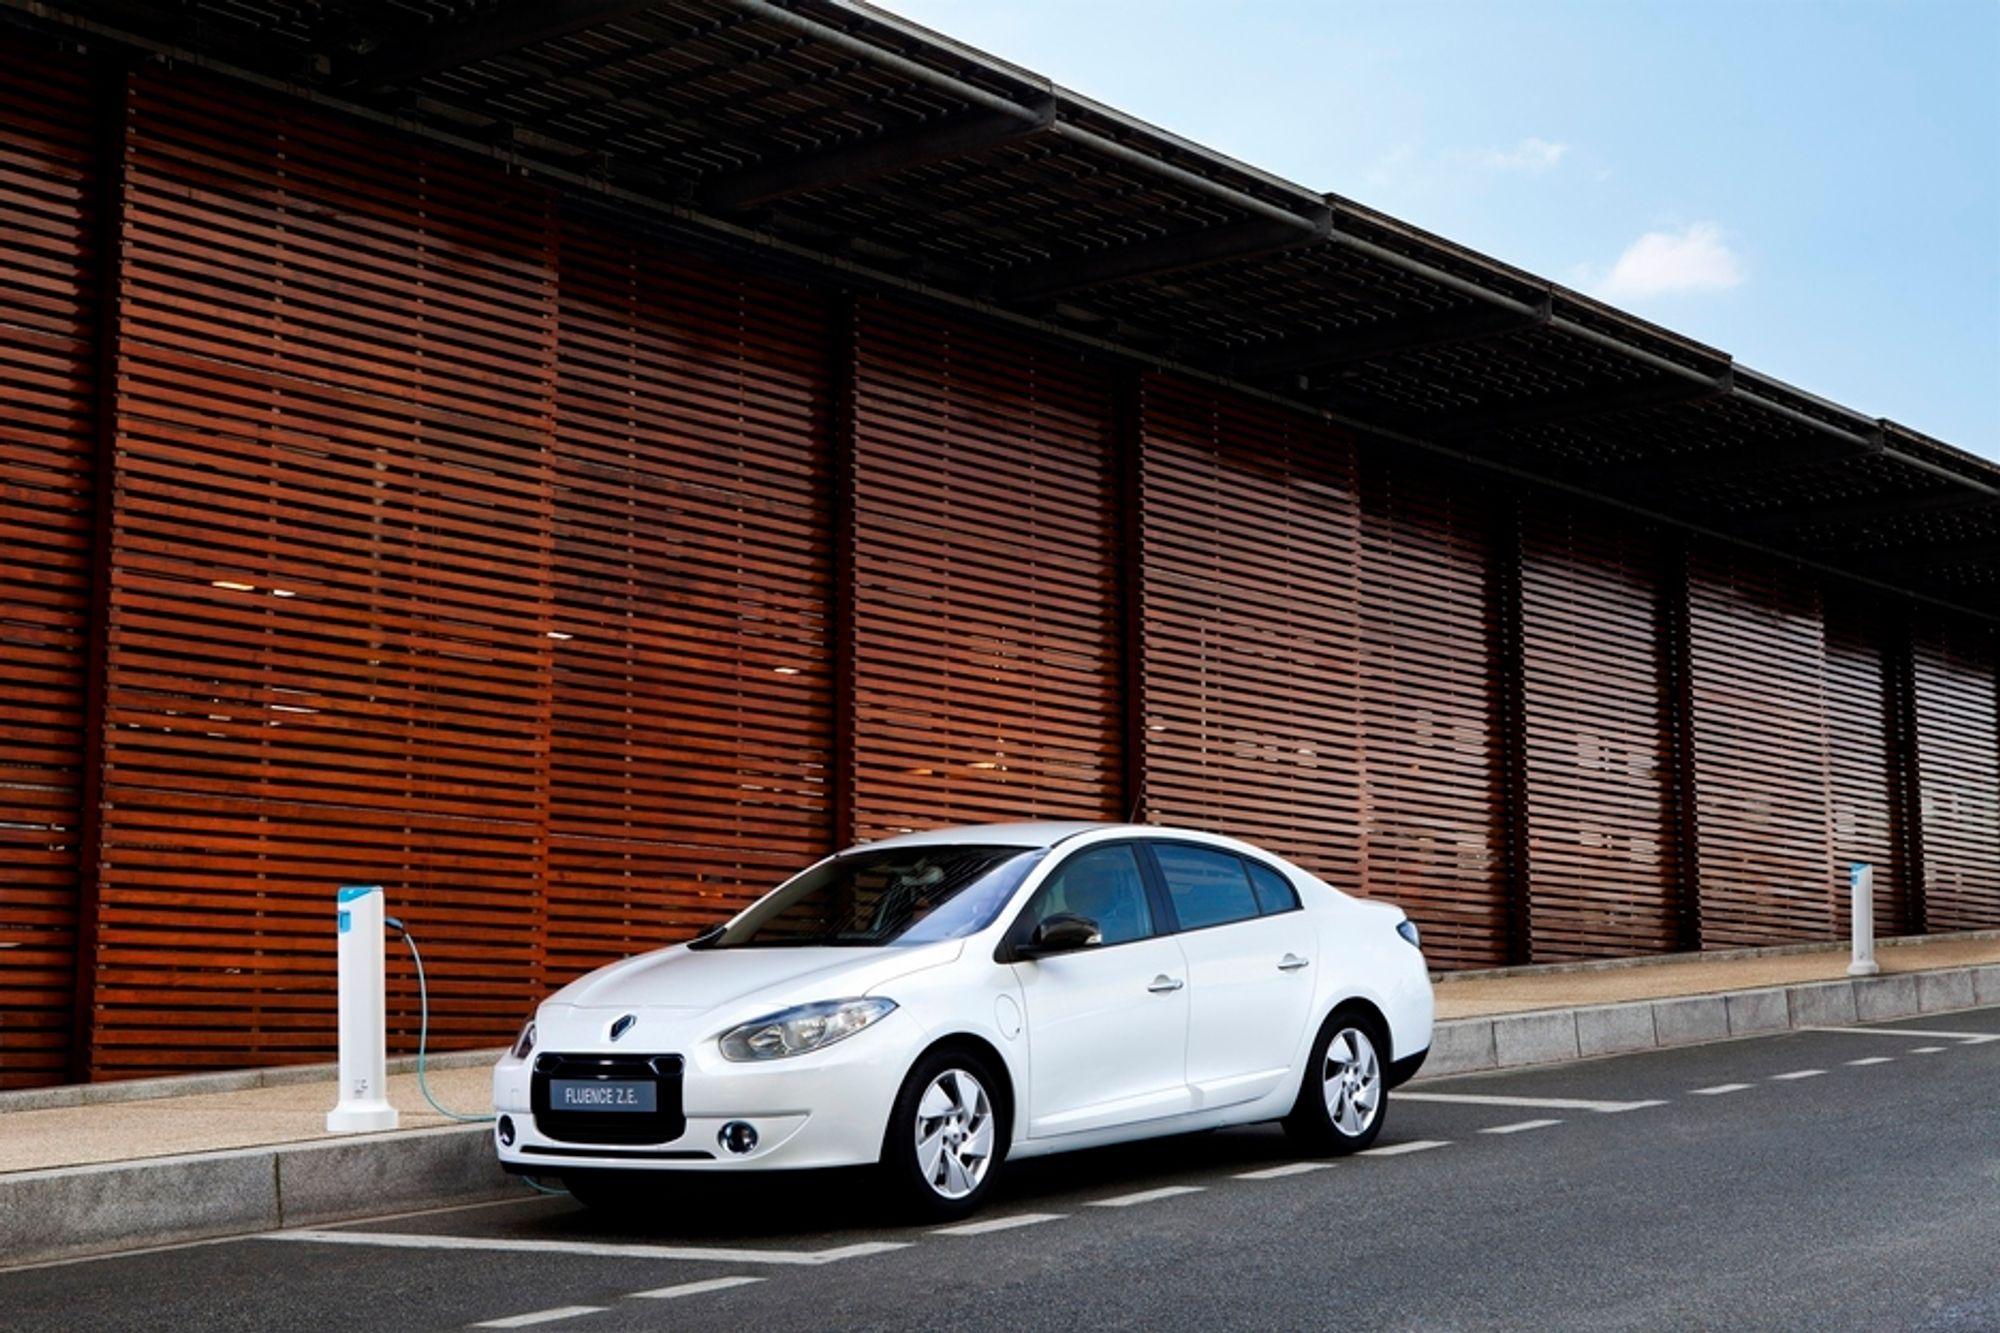 BATTERILEIE: Dette er Renault Fluence ZE  - elbilen som fra november kan leveres i Danmark og der kundene leaser batteriet fra Better Place.